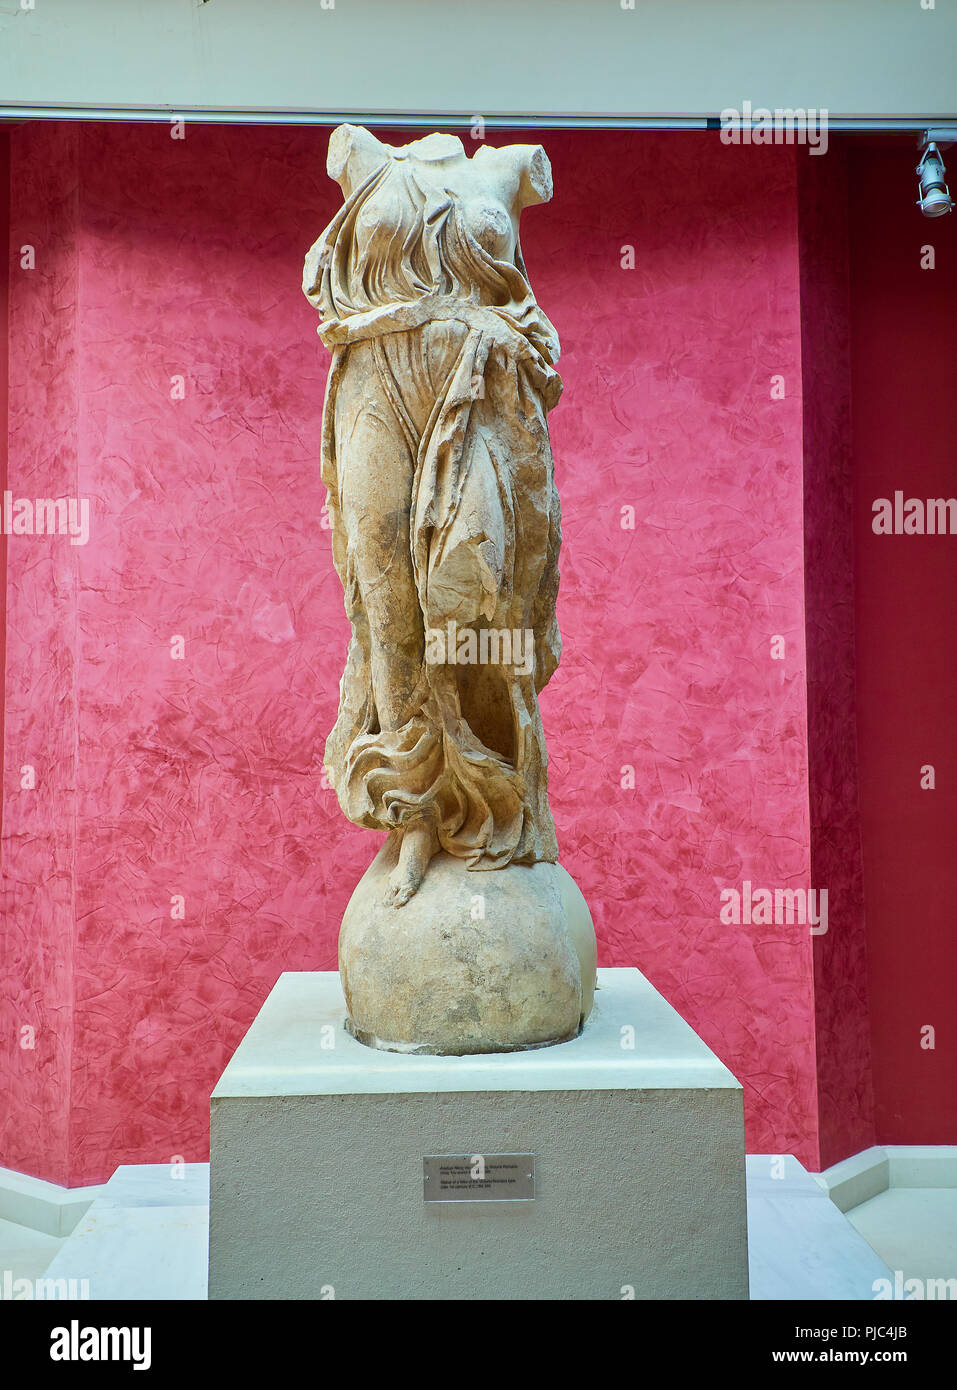 De Alamy Stockamp; Nike Greek Imágenes Fotos nwP8kX0ON